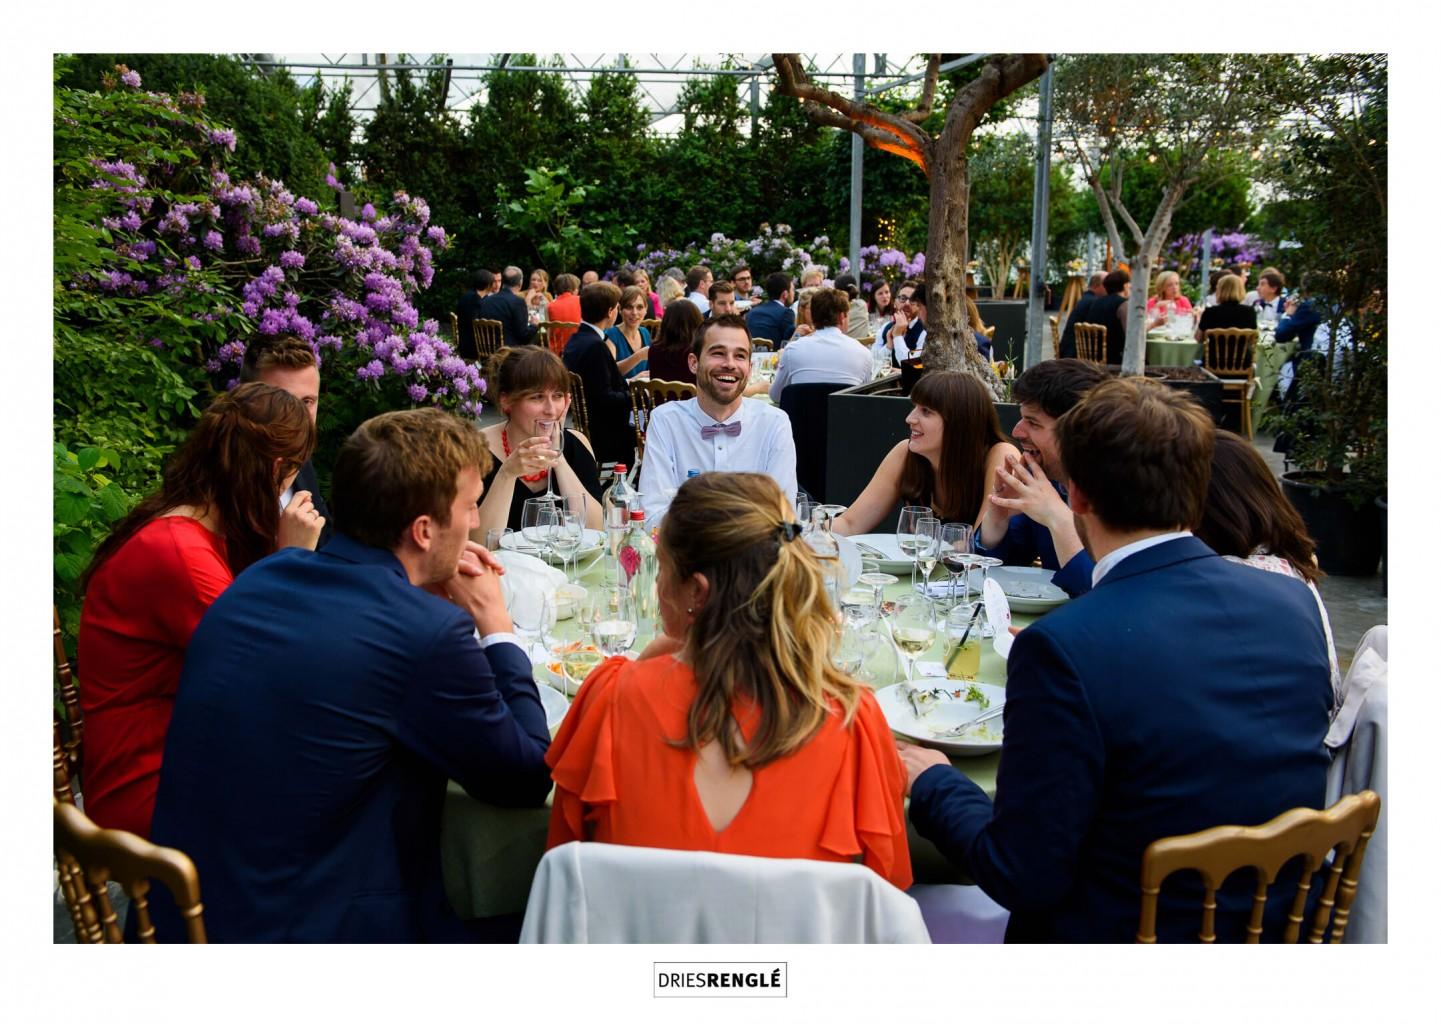 008-jef-cools-feestzaal-huwelijksfotograaf-dries-rengle